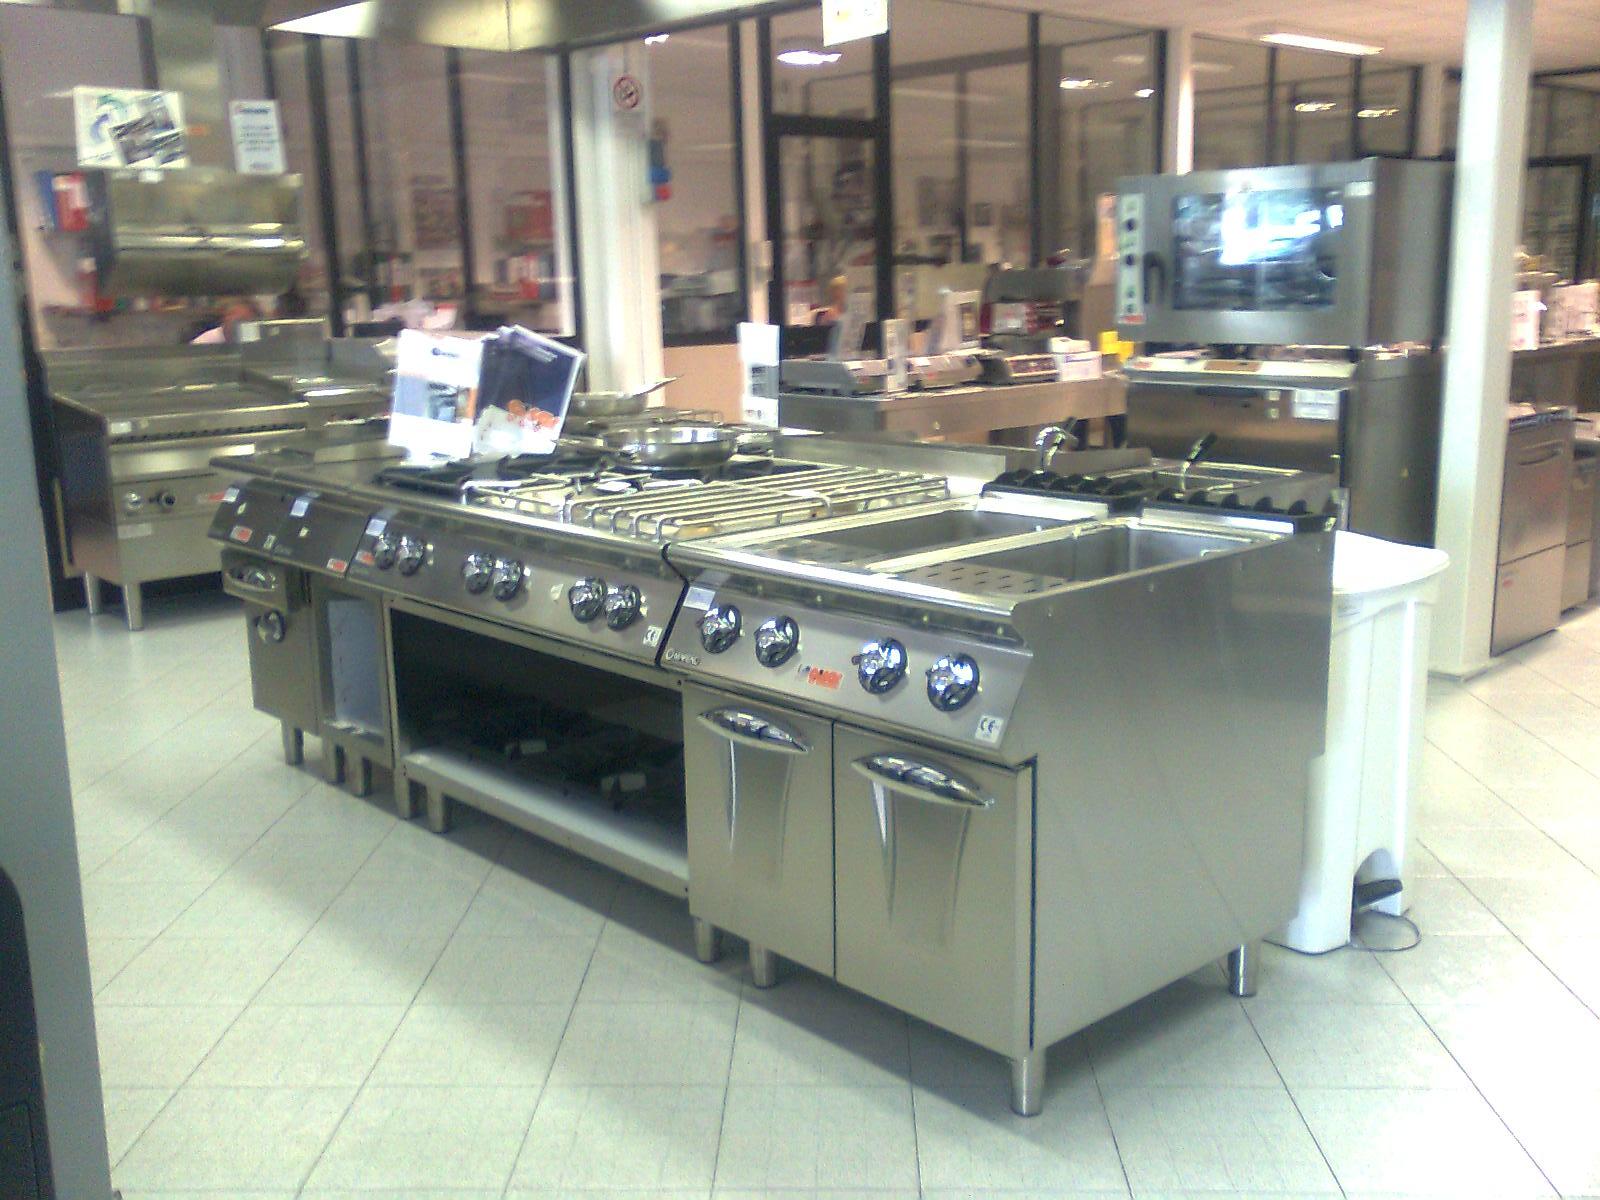 Attrezzature per la ristorazione nuove ed usate scegli il for Cucine usate gratis milano